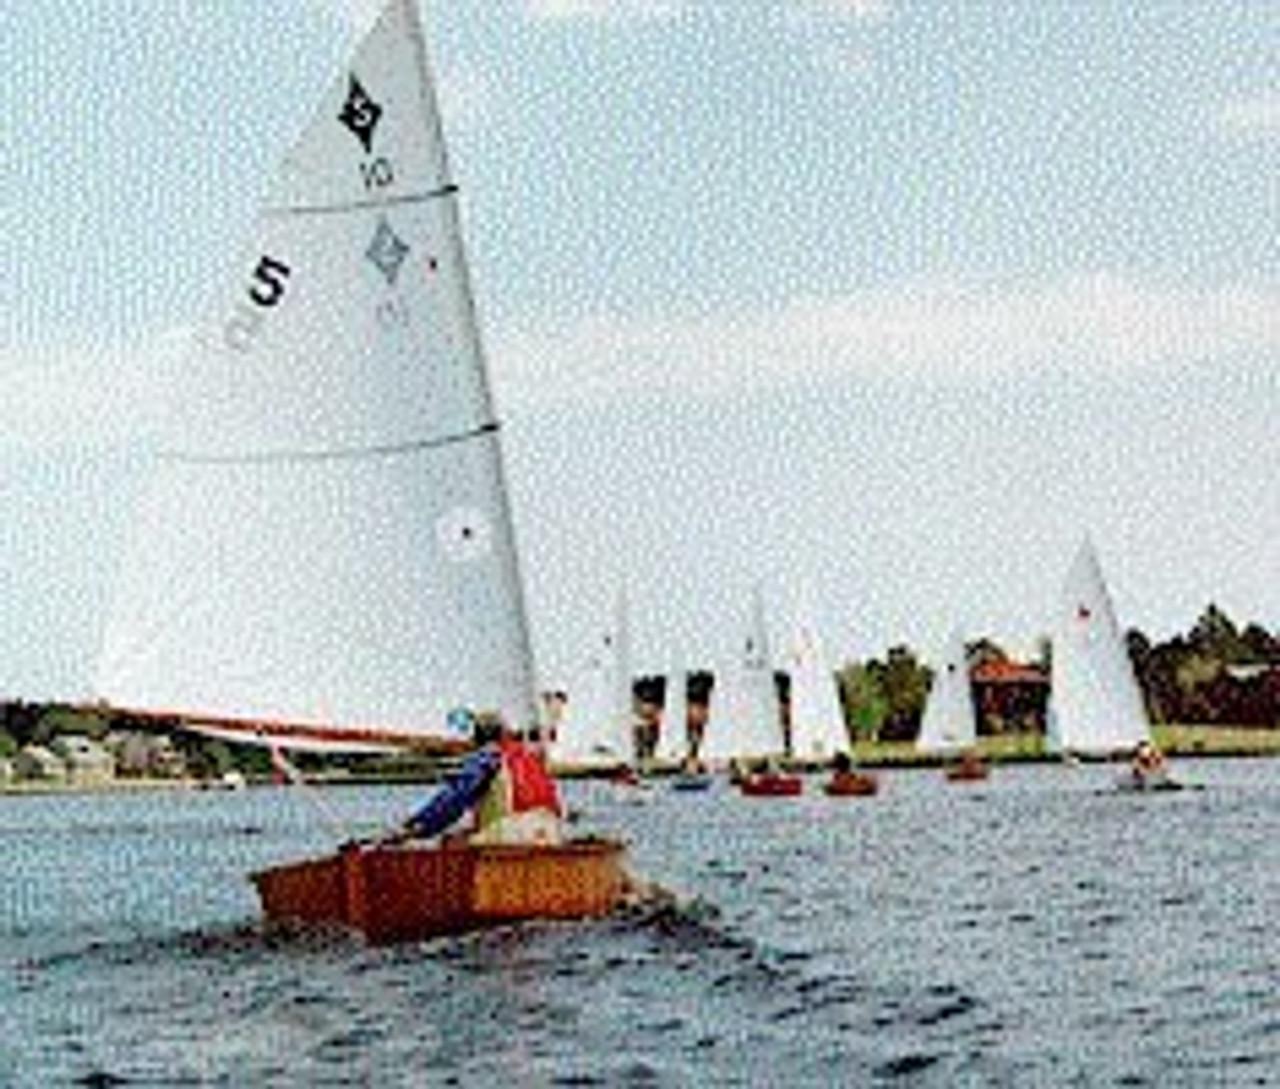 Spindrift 10 Reefing Mainsail